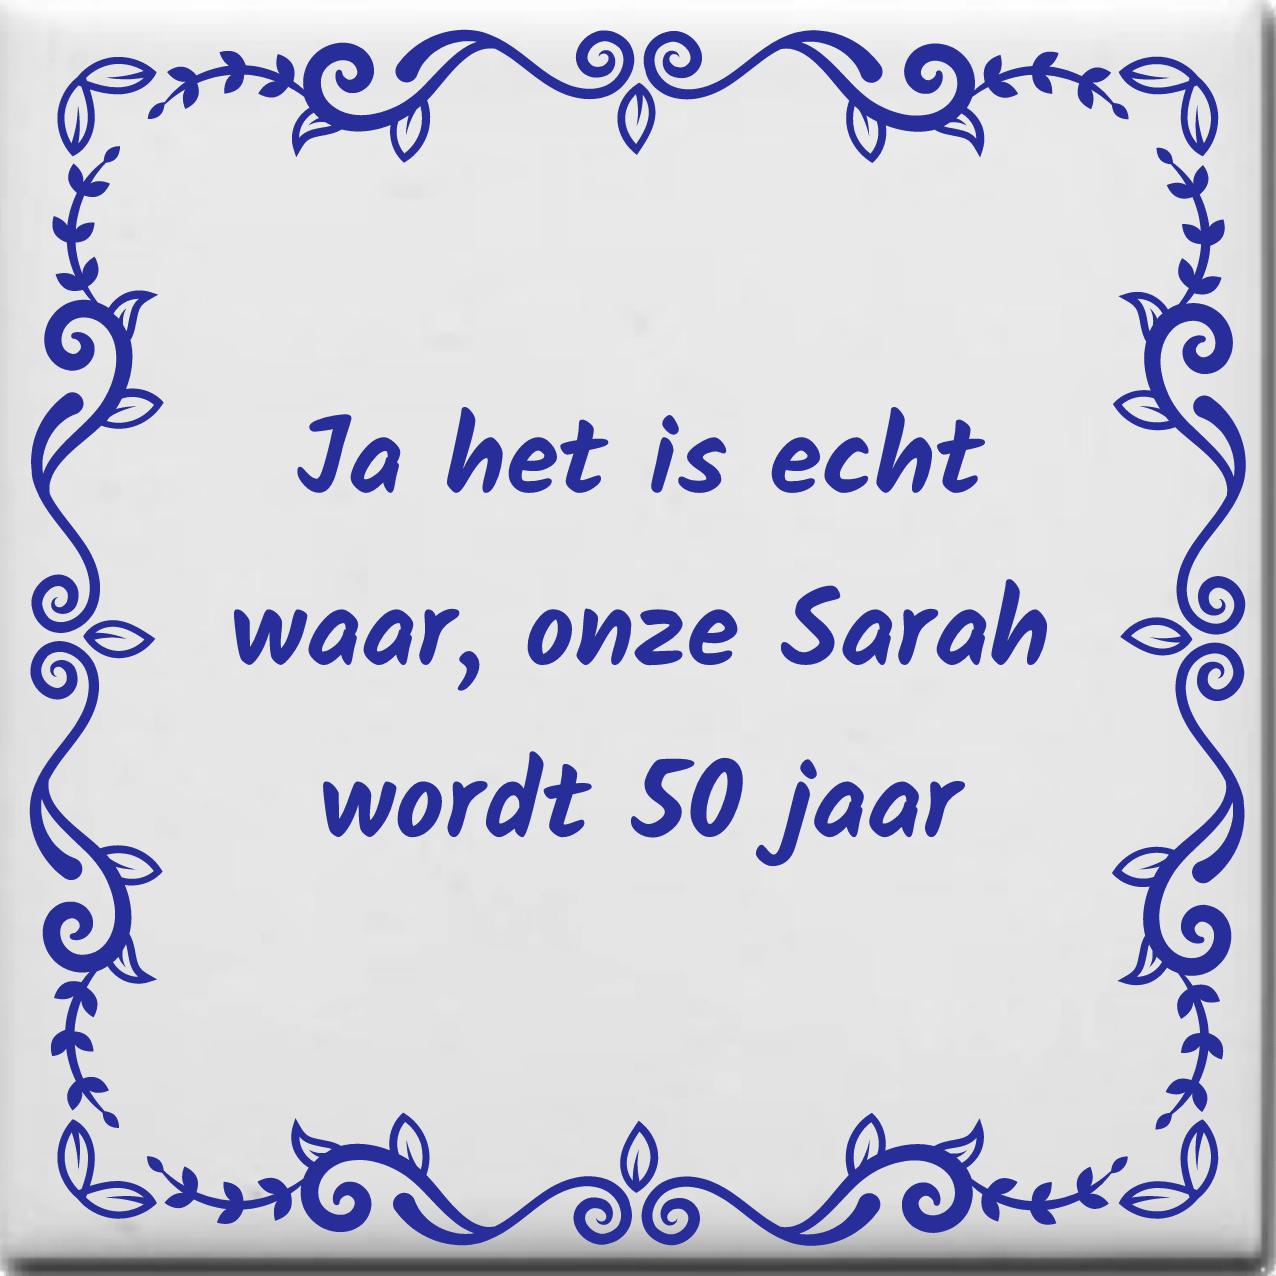 Goede Wijsheden tegeltje met spreuk over Sarah: Ja het is echt waar onze OM-33